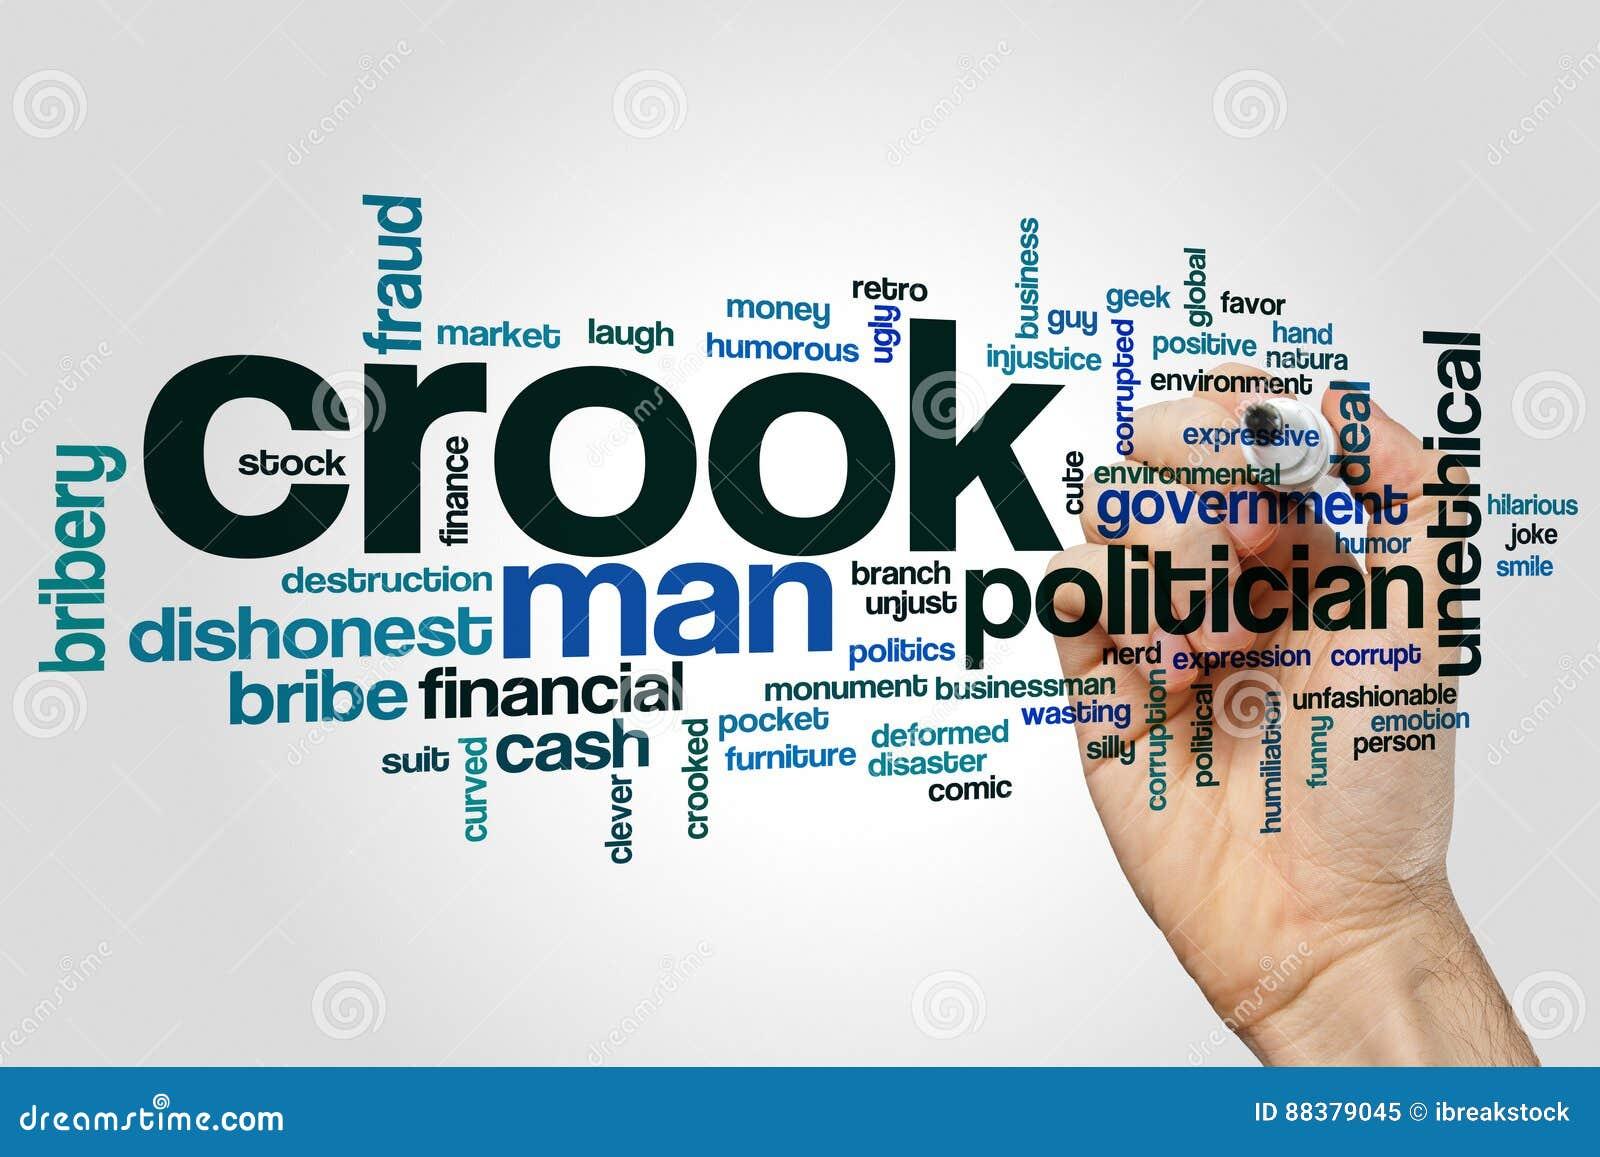 Crook word cloud